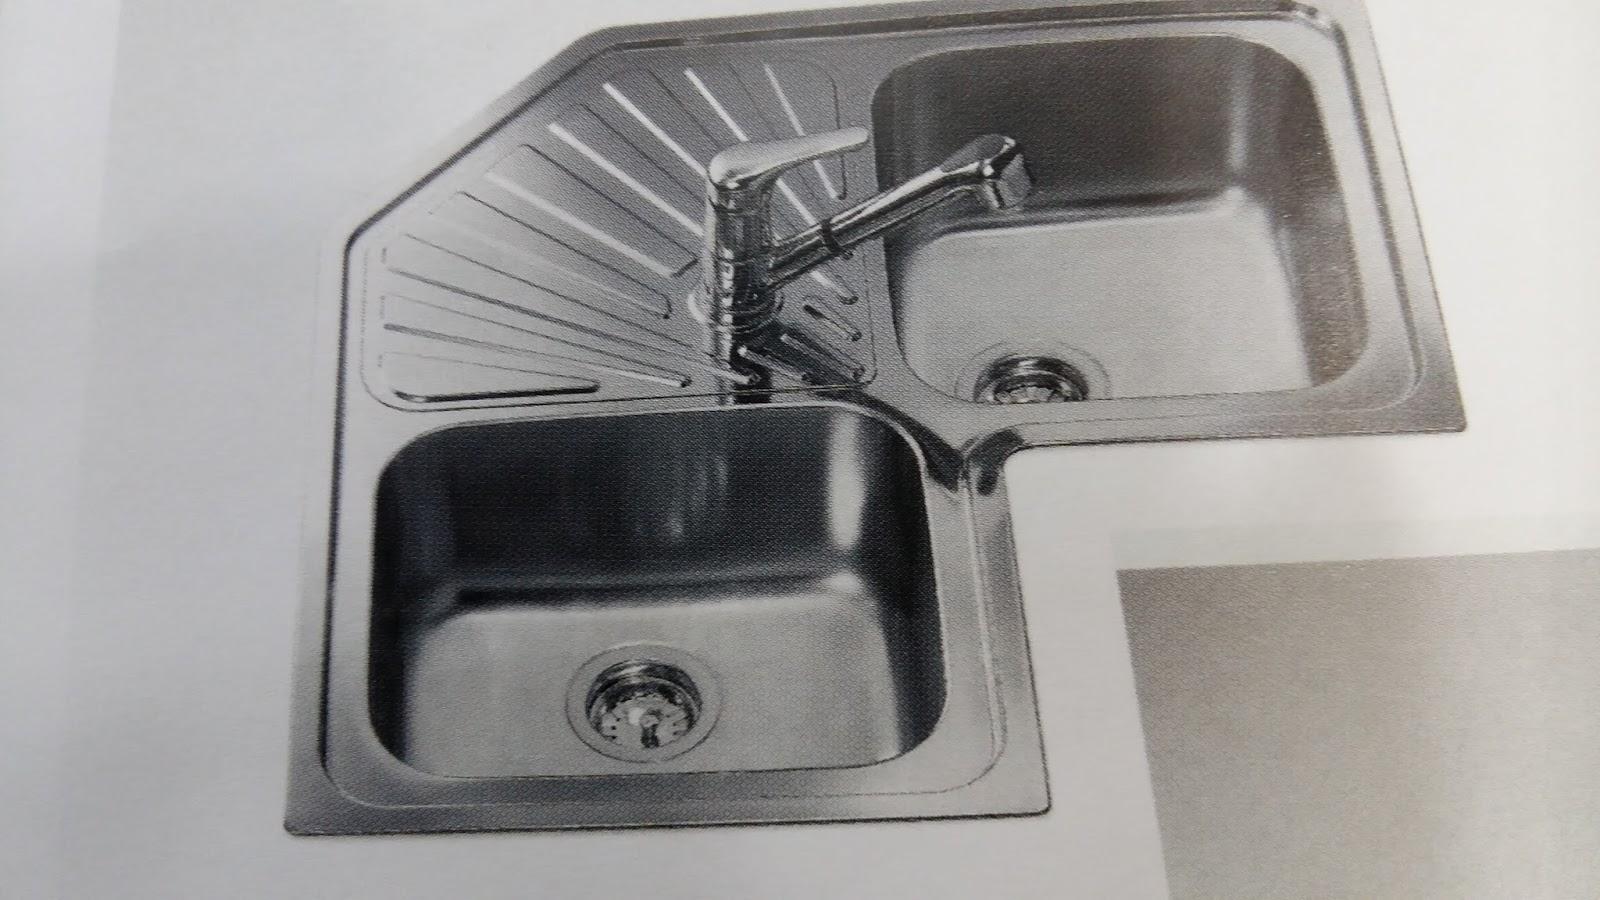 PLATHOO | Diseño de cocinas y baños 3D |: Zona de aguas : Fregaderos ...